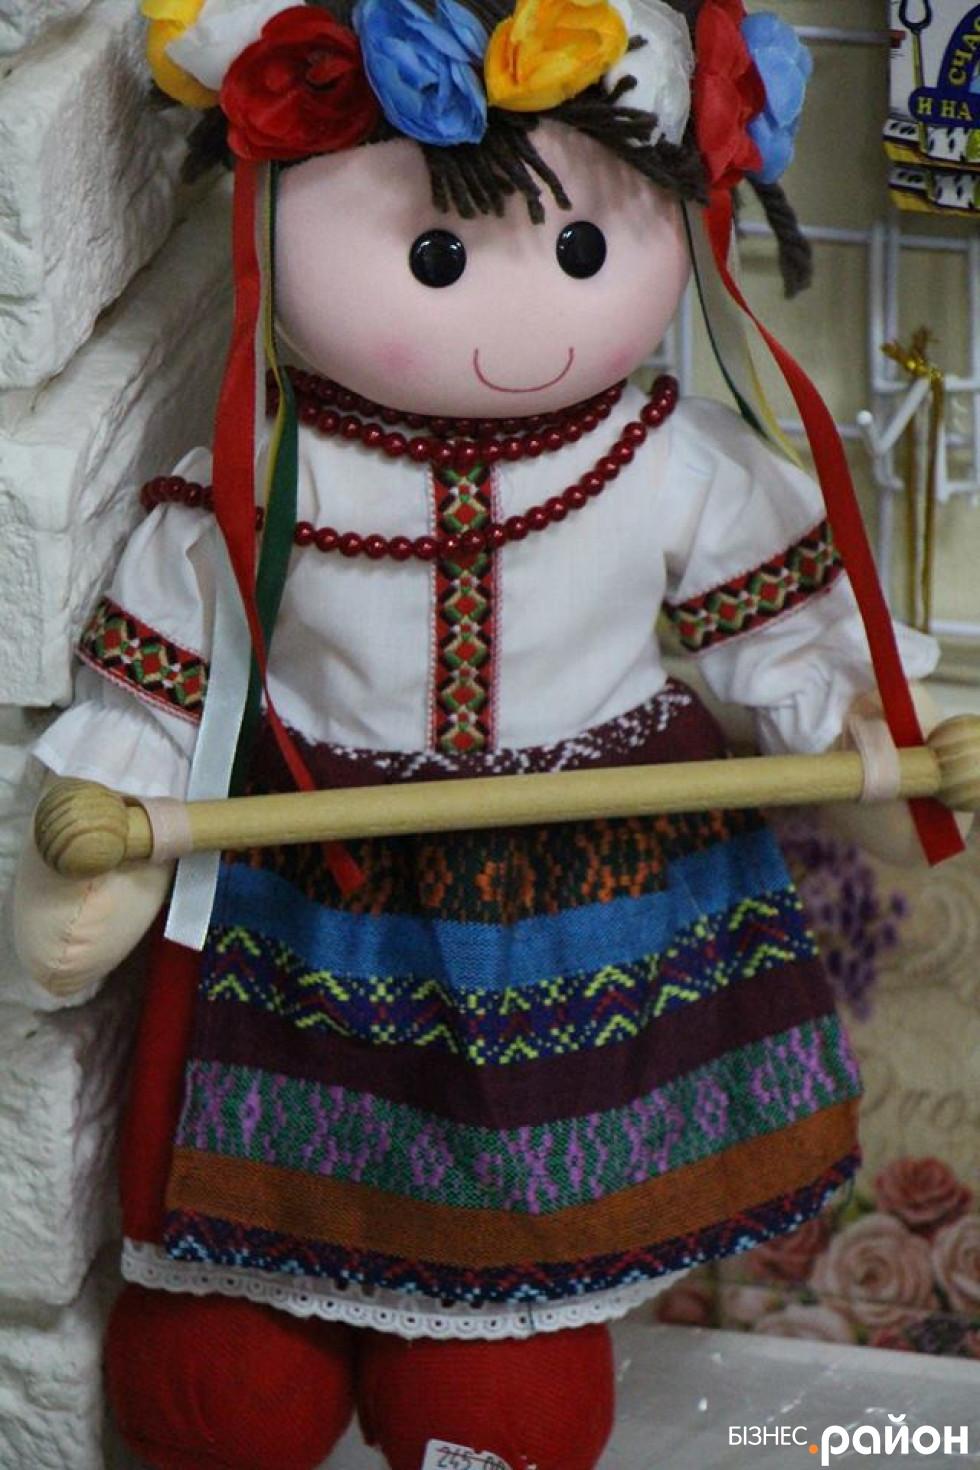 Шацька лялька